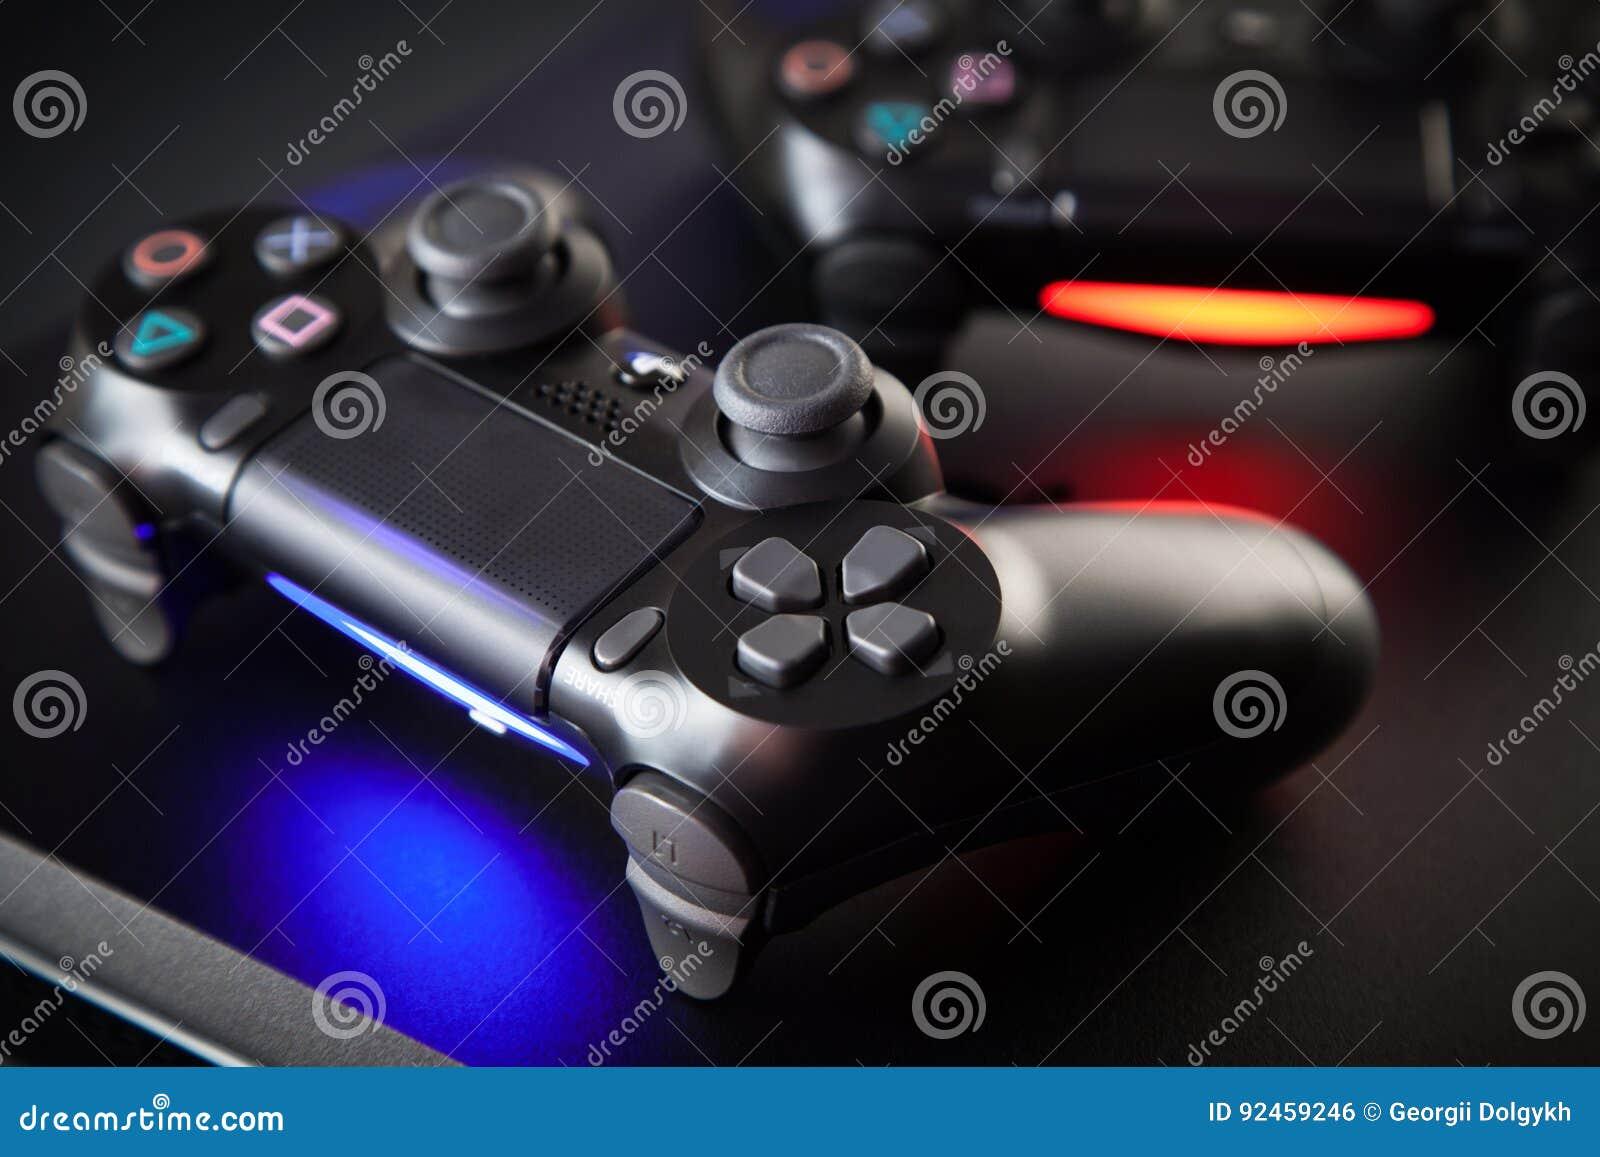 Consola del juego de Playstation 4